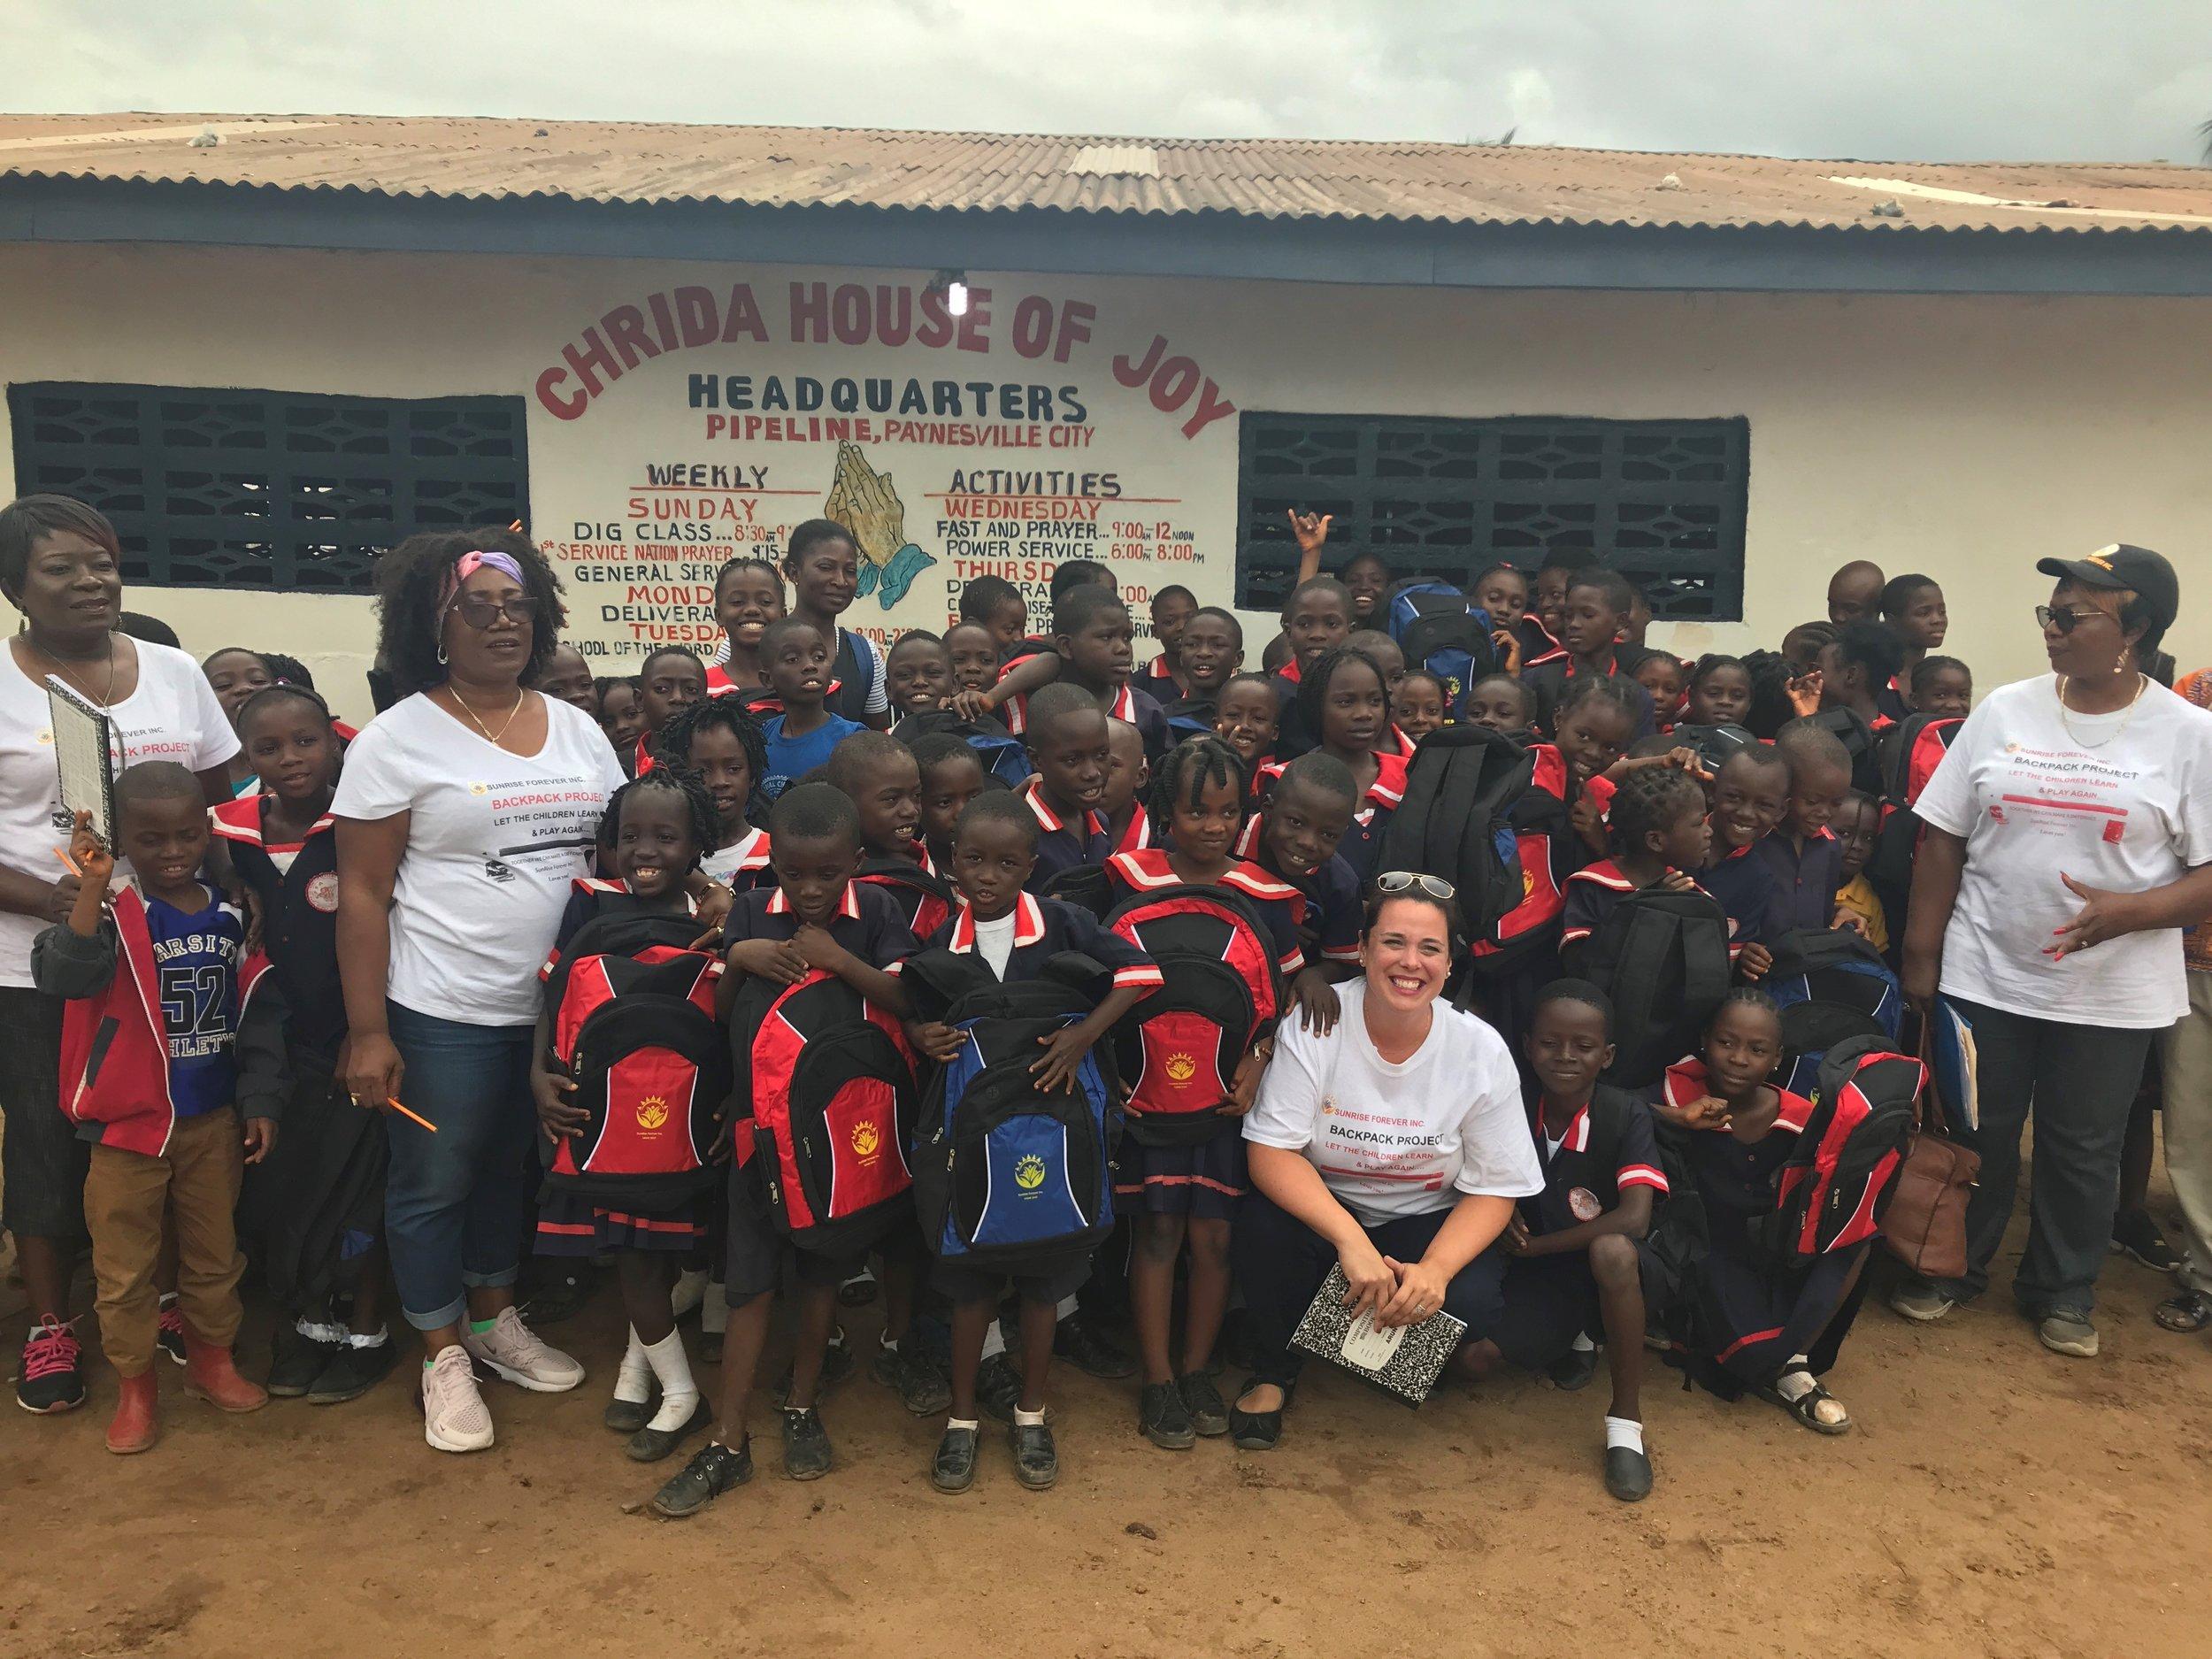 CWE_Liberia1.jpg